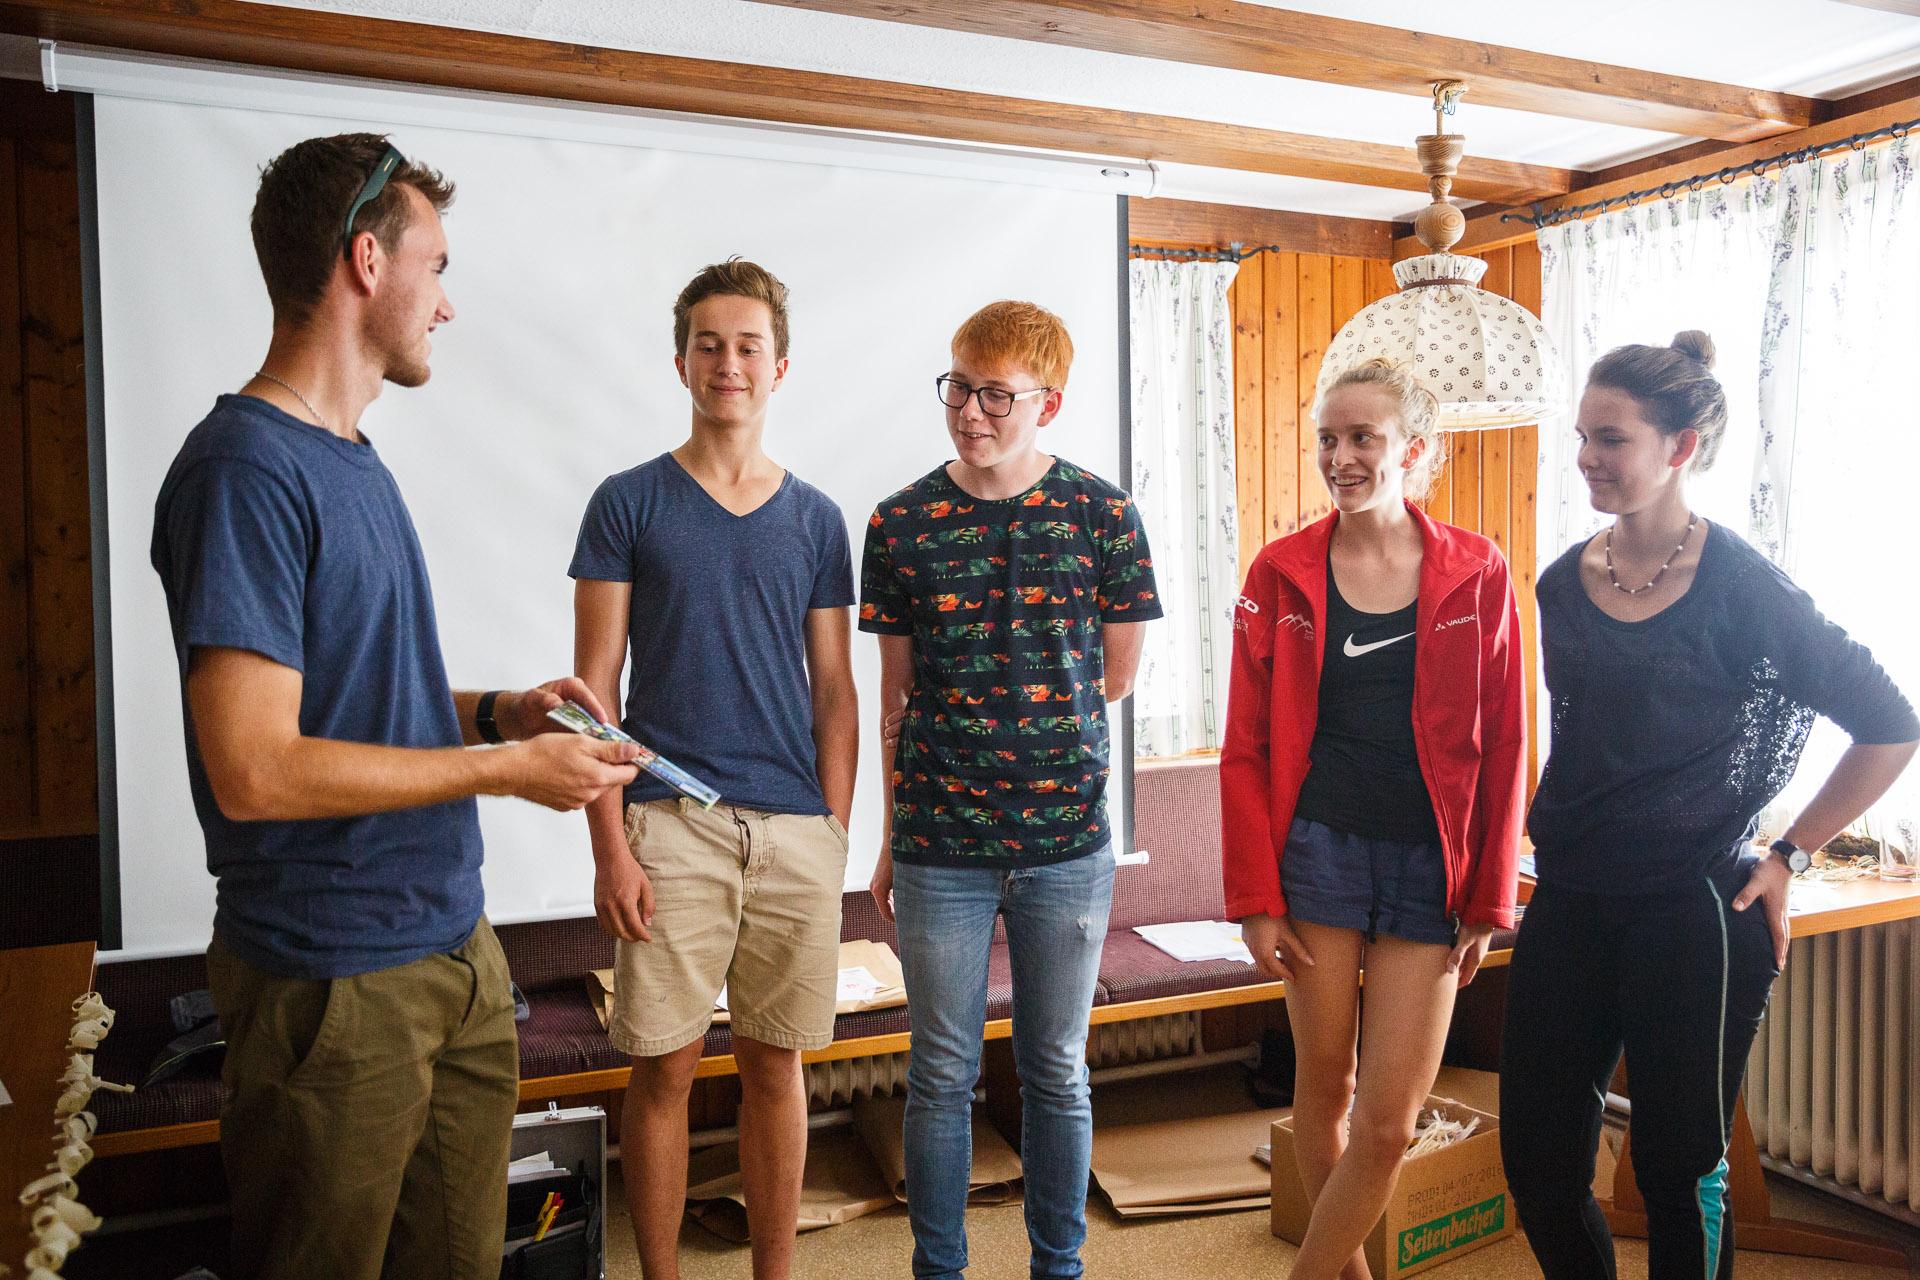 Die glücklichen Gewinner des Film- und Fotowettbewerbs freuen sich über einen Tag am Titisee im Hochschwarzwald - inklusive Besuch im Badeparadies und im Action Forest Kletterwald.